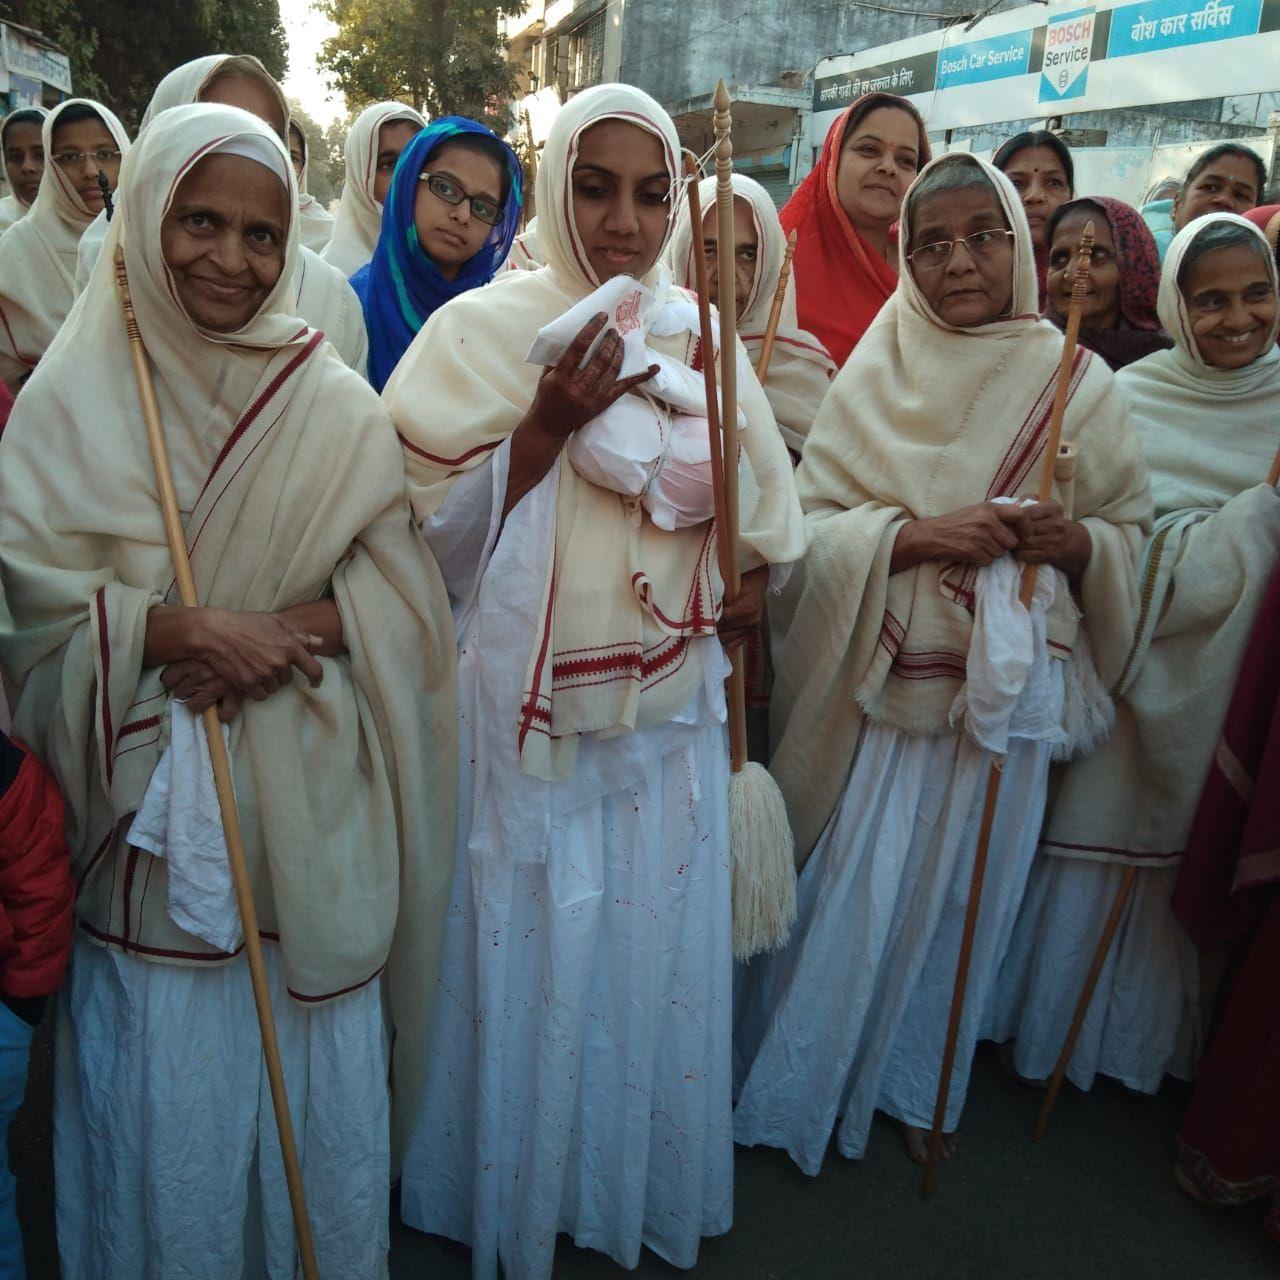 मानव जीवन में मोक्ष के लिये दीक्षा एक अनमोल गहना है -साध्वी अमीपूर्णा श्रीजी मसा.